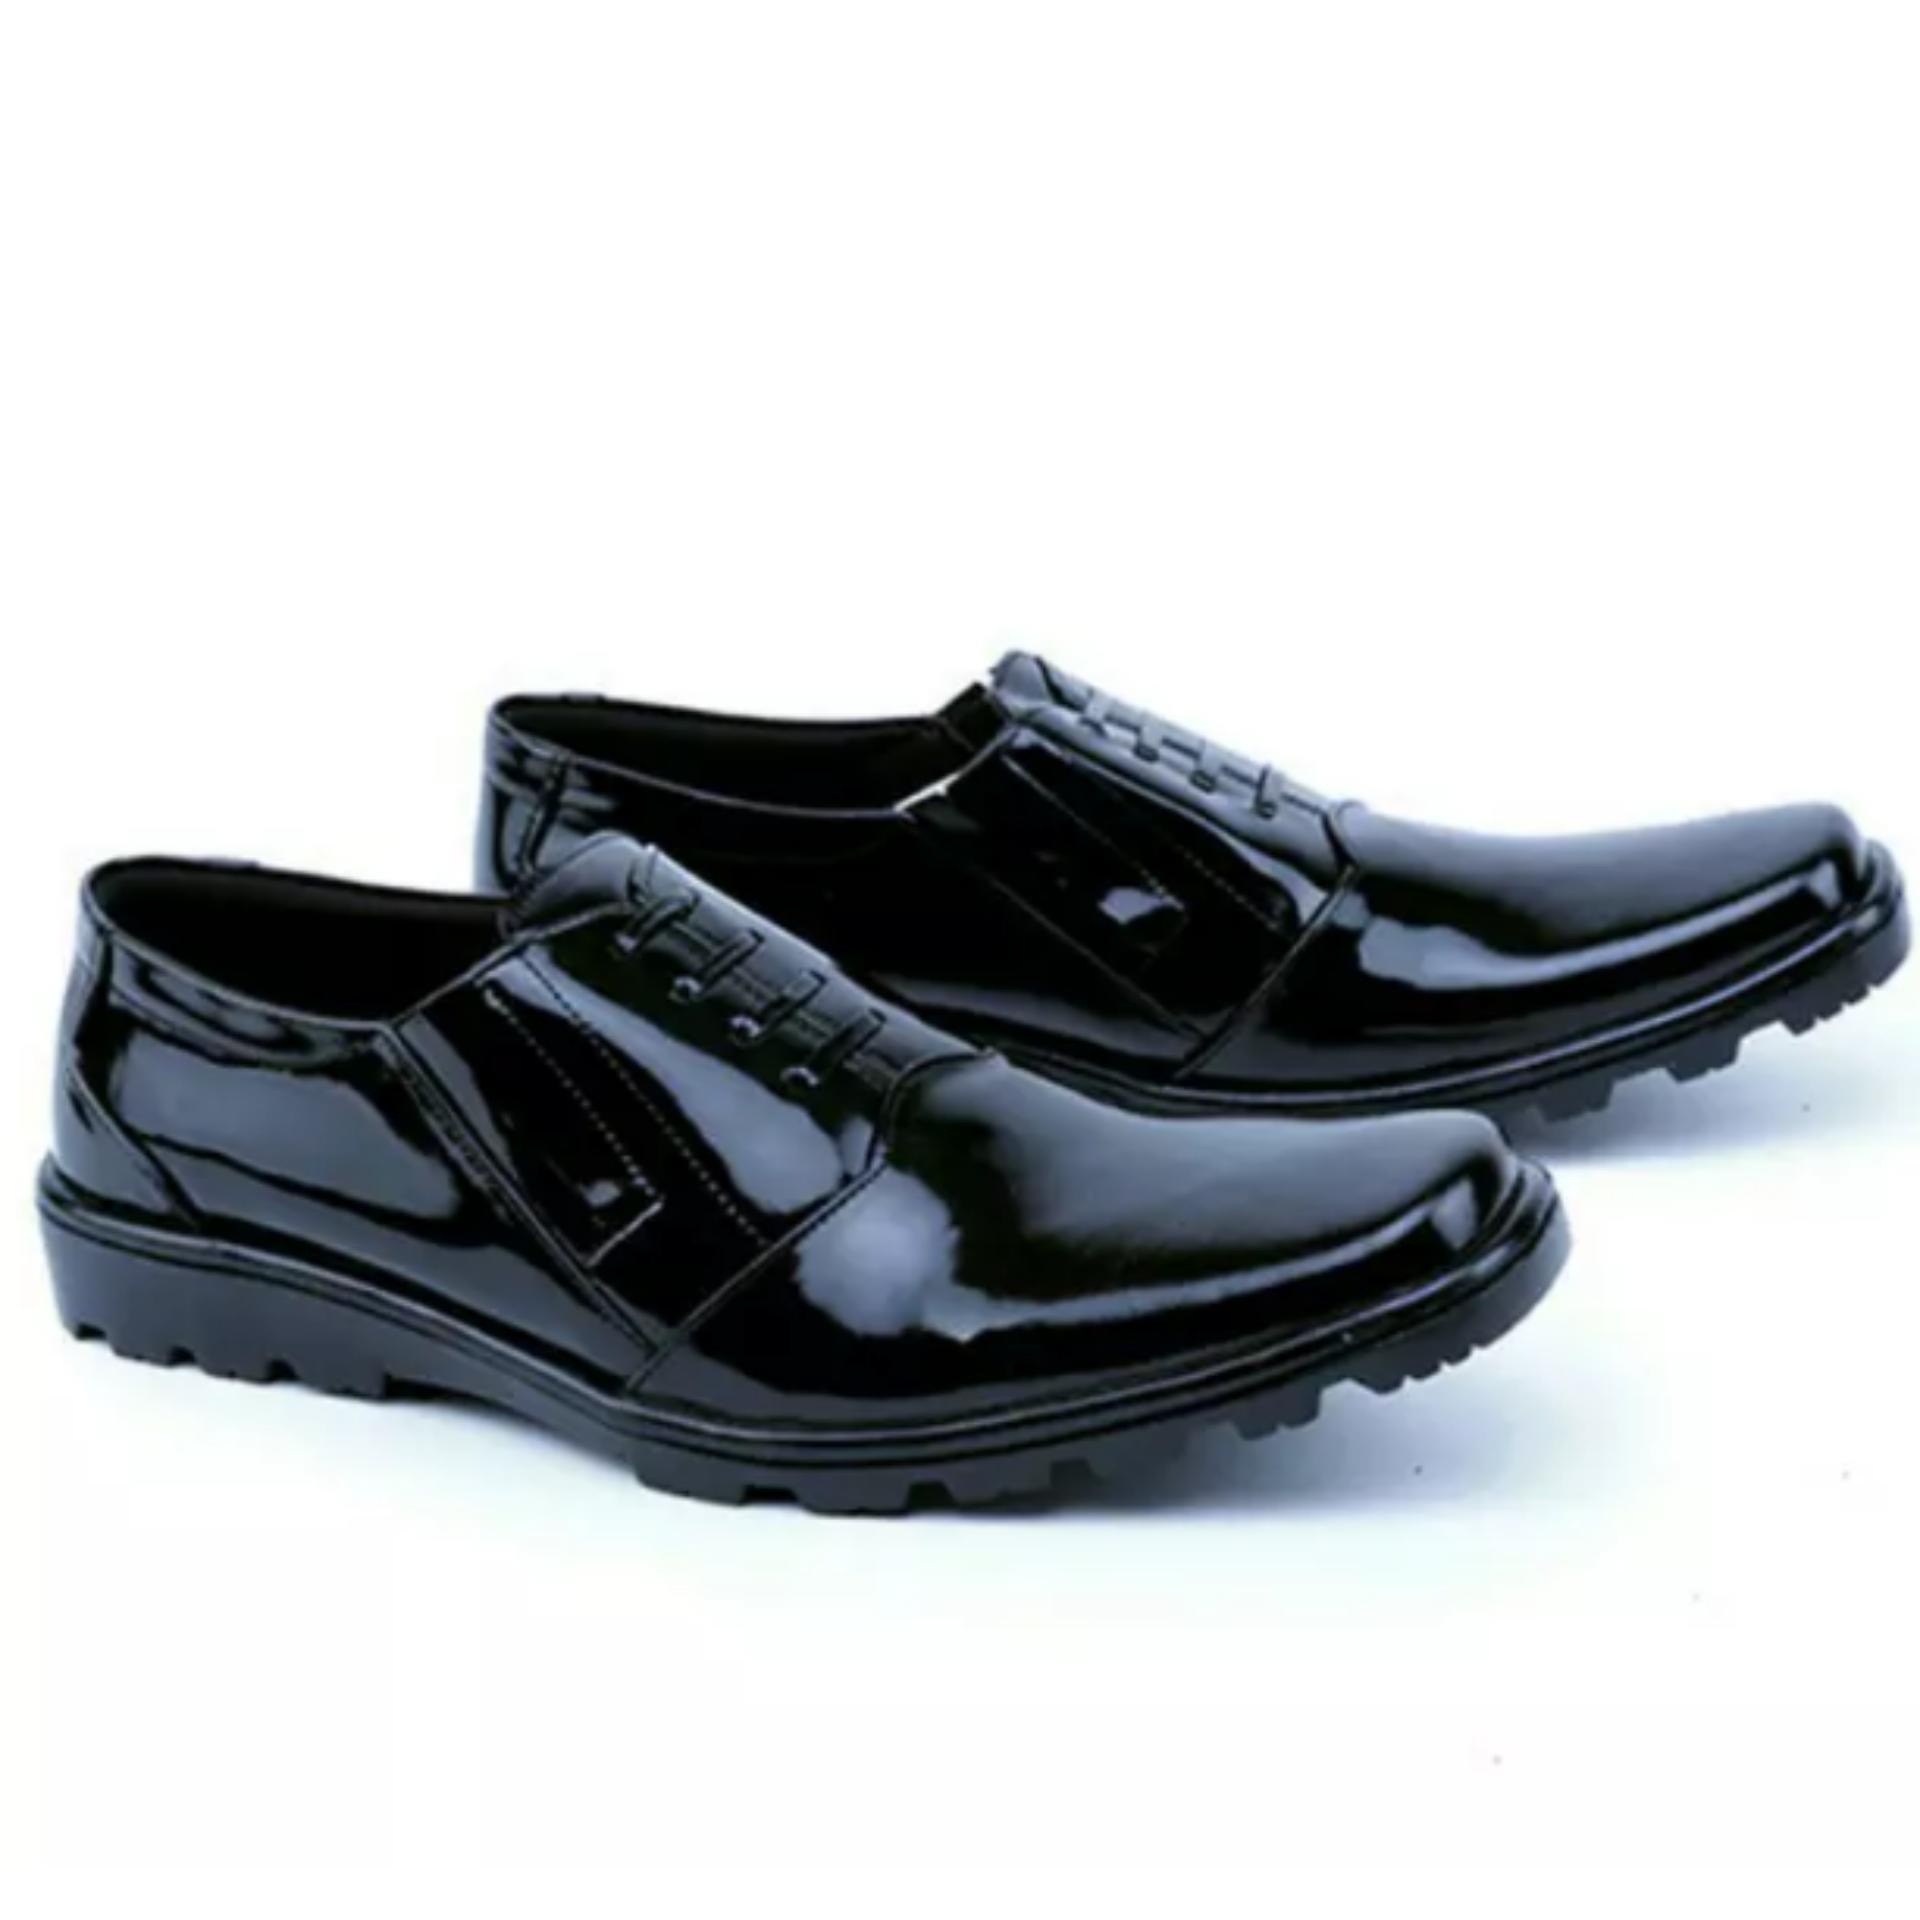 Sepatu Kulit Asli Pria, Pdh Pendek, Pantofel Distro Bandung, Pdh Polisi, Sepatu Pantofel Kulit Mengkilap, GR 137